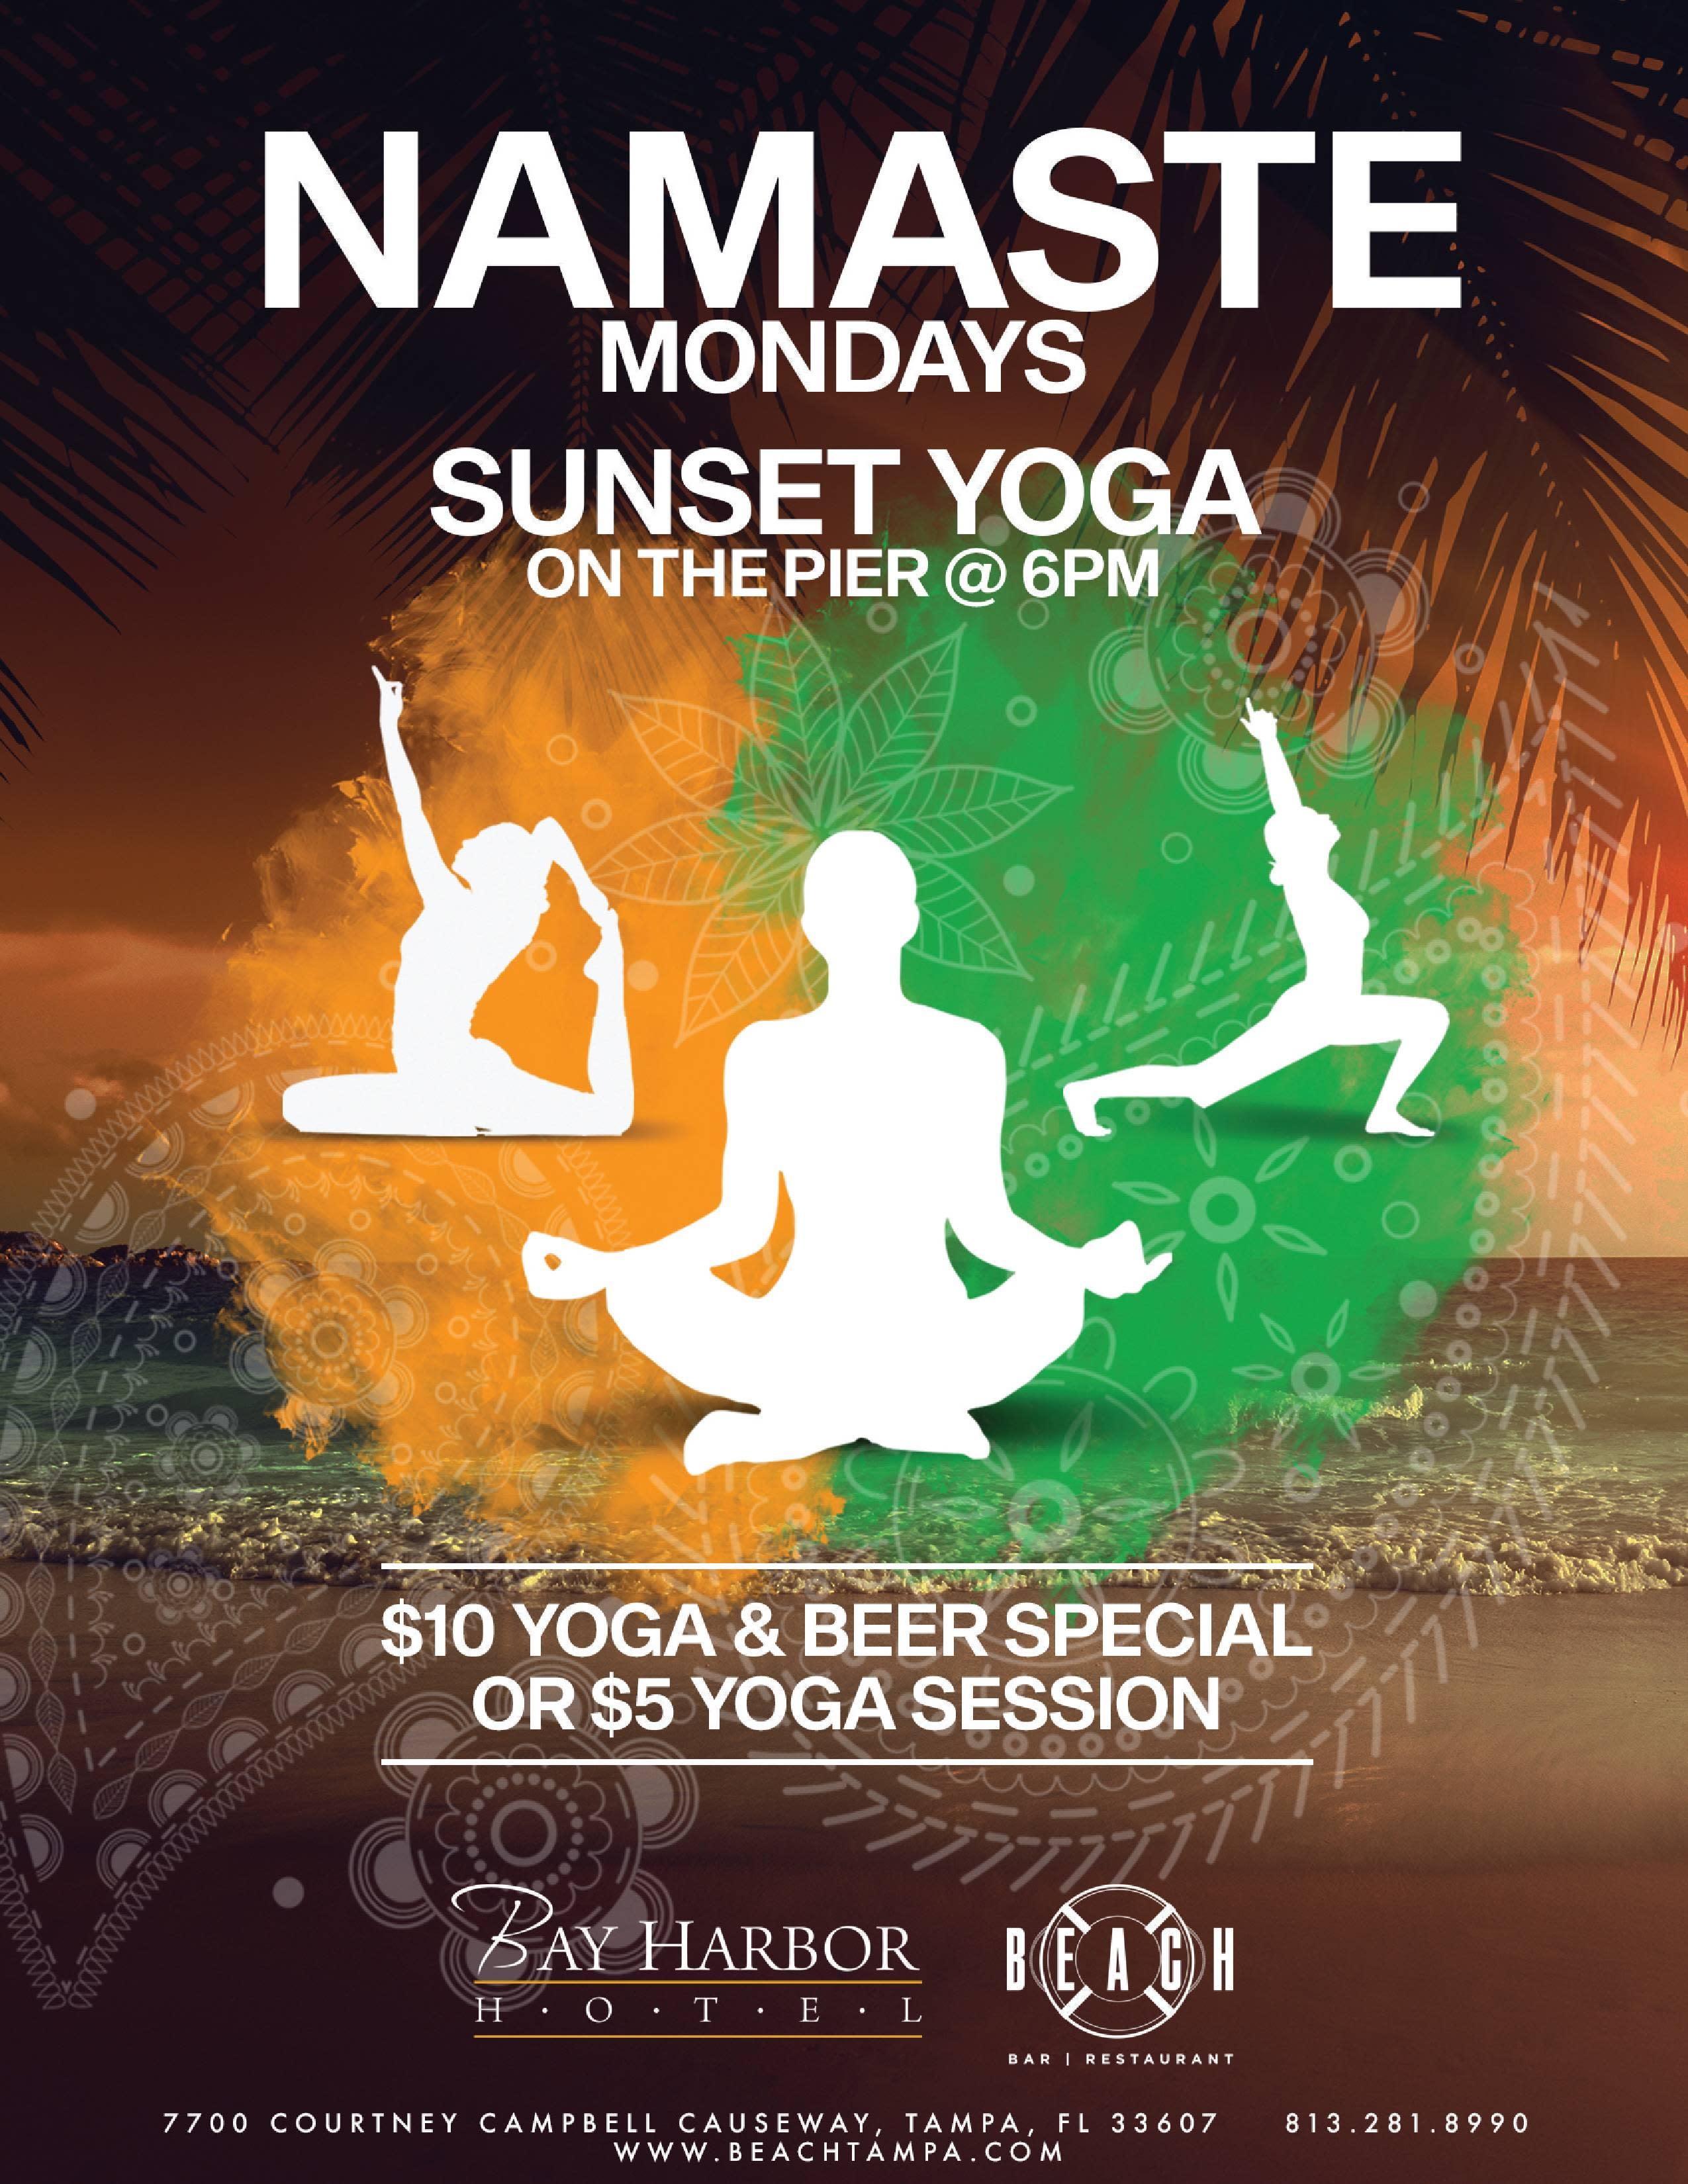 Namaste Mondays